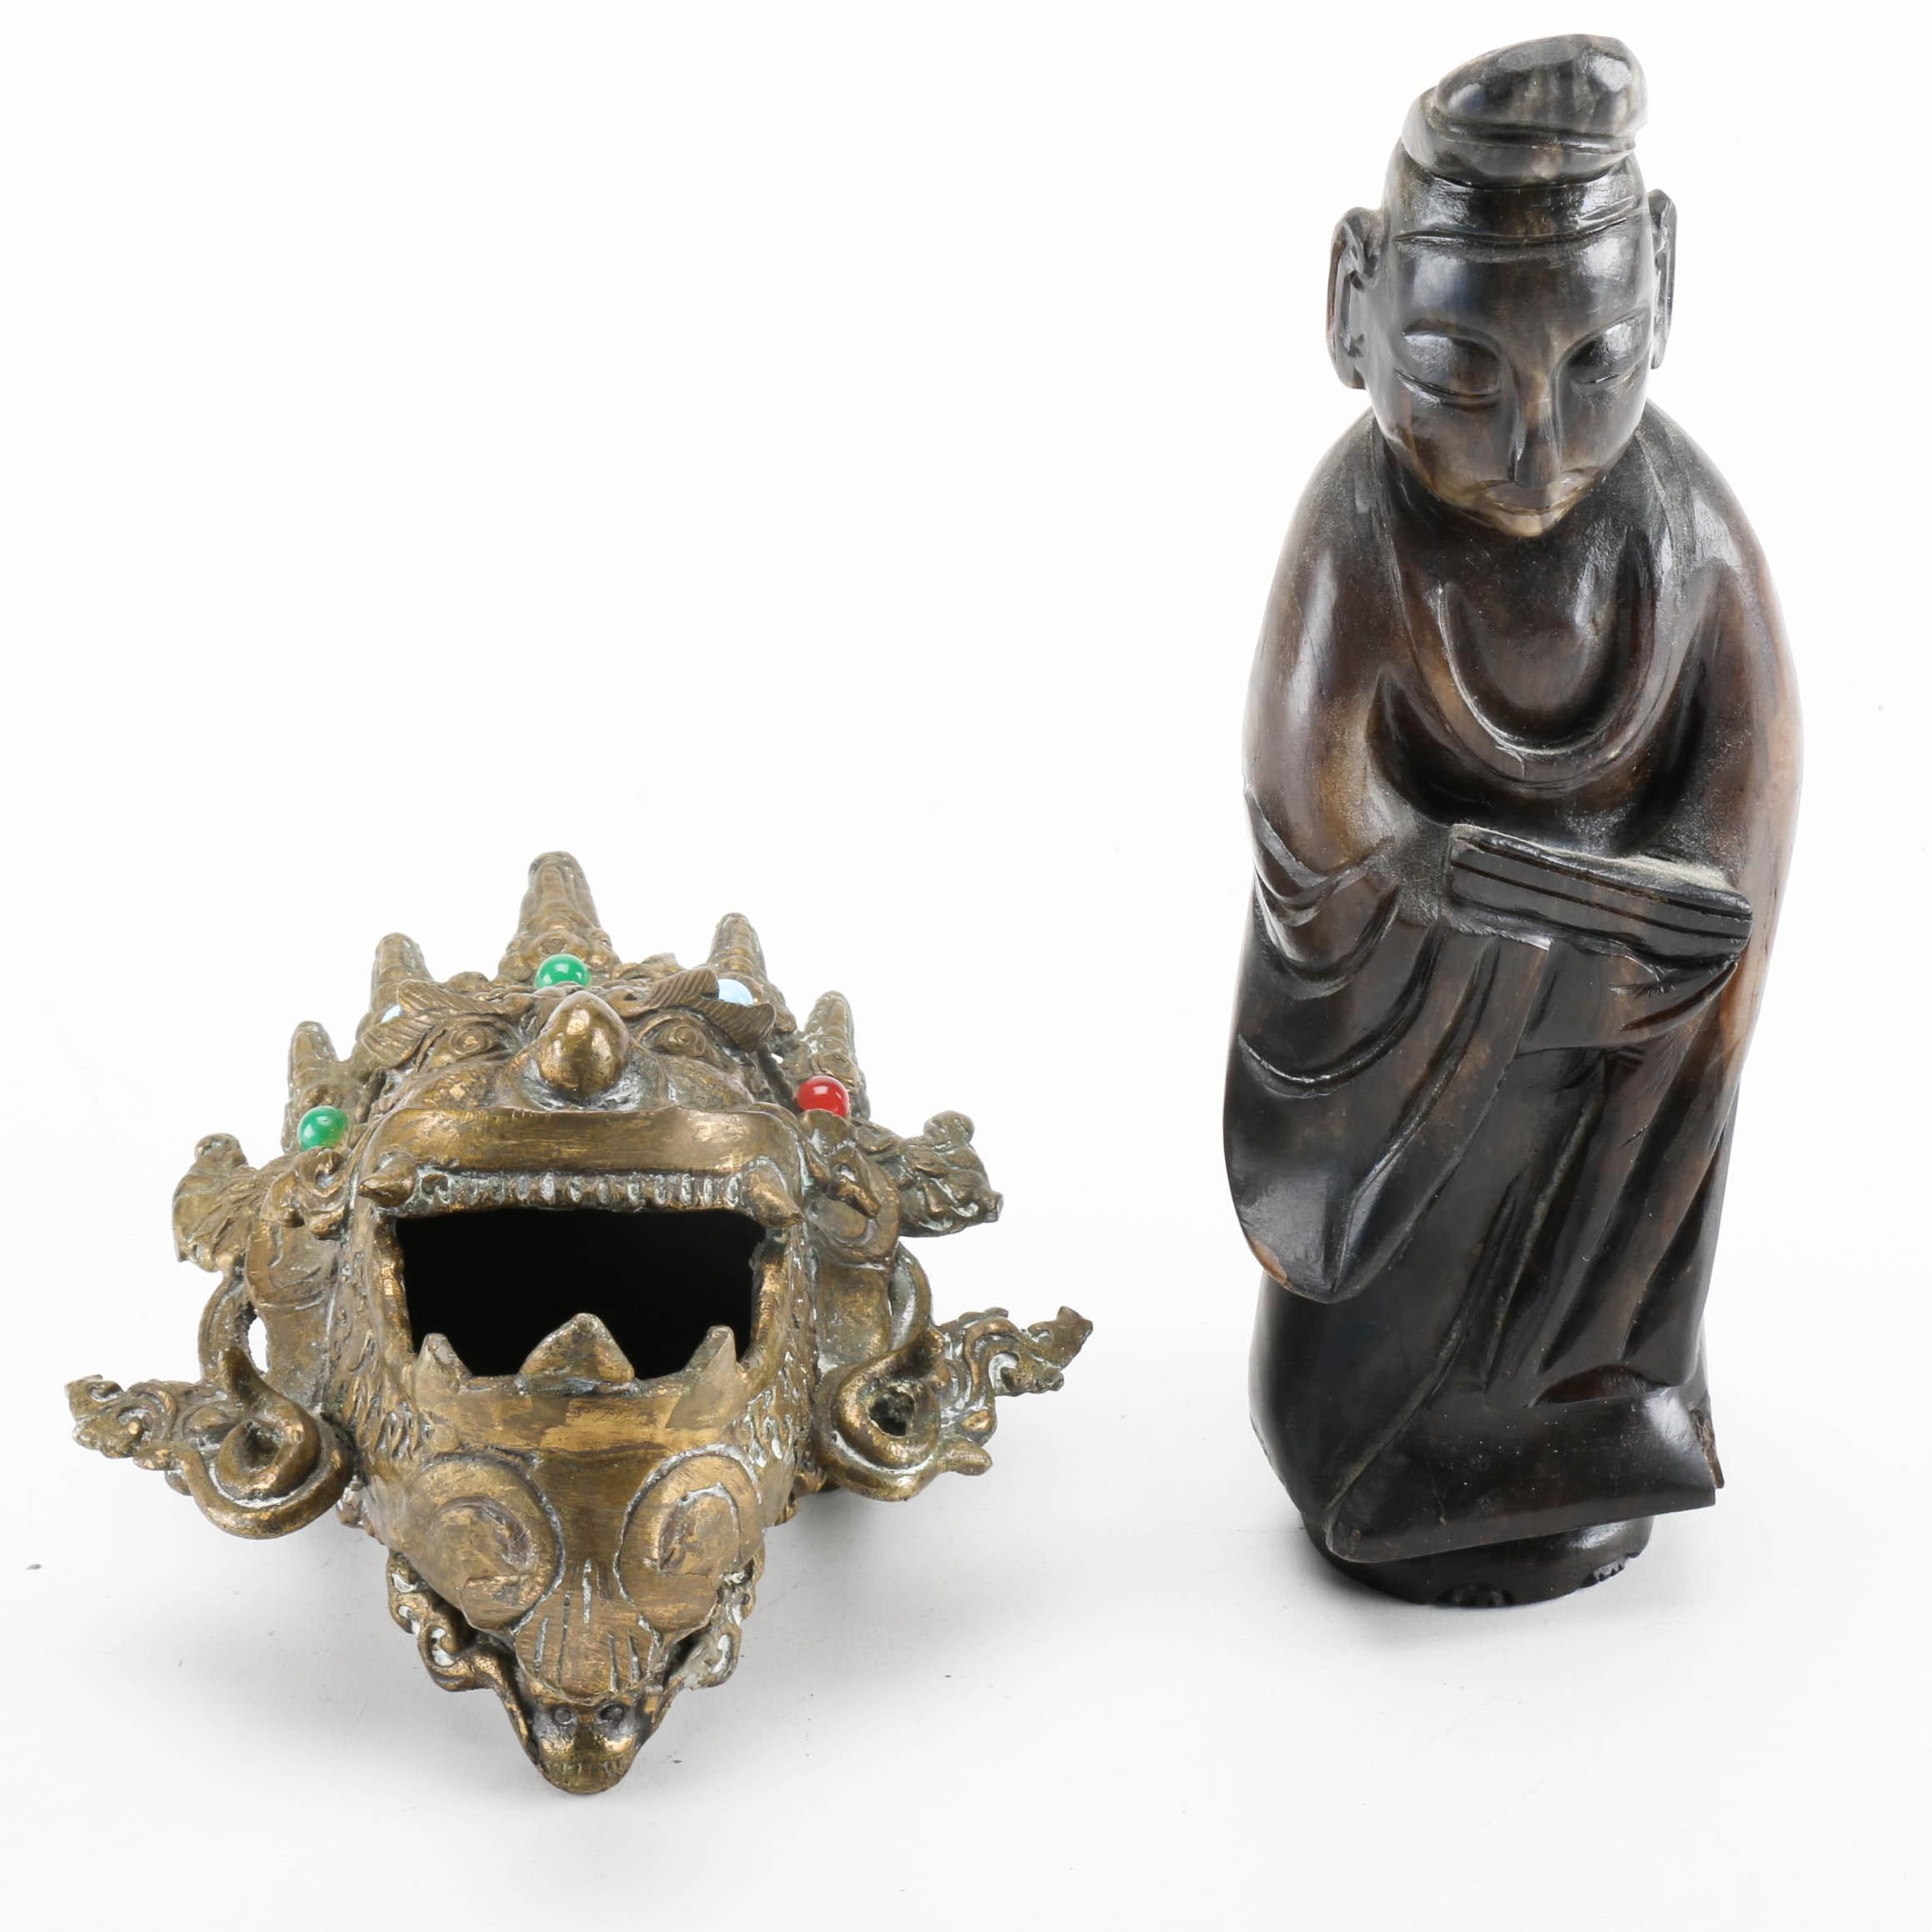 Carved Bowenite Deity and Brass Deity Head